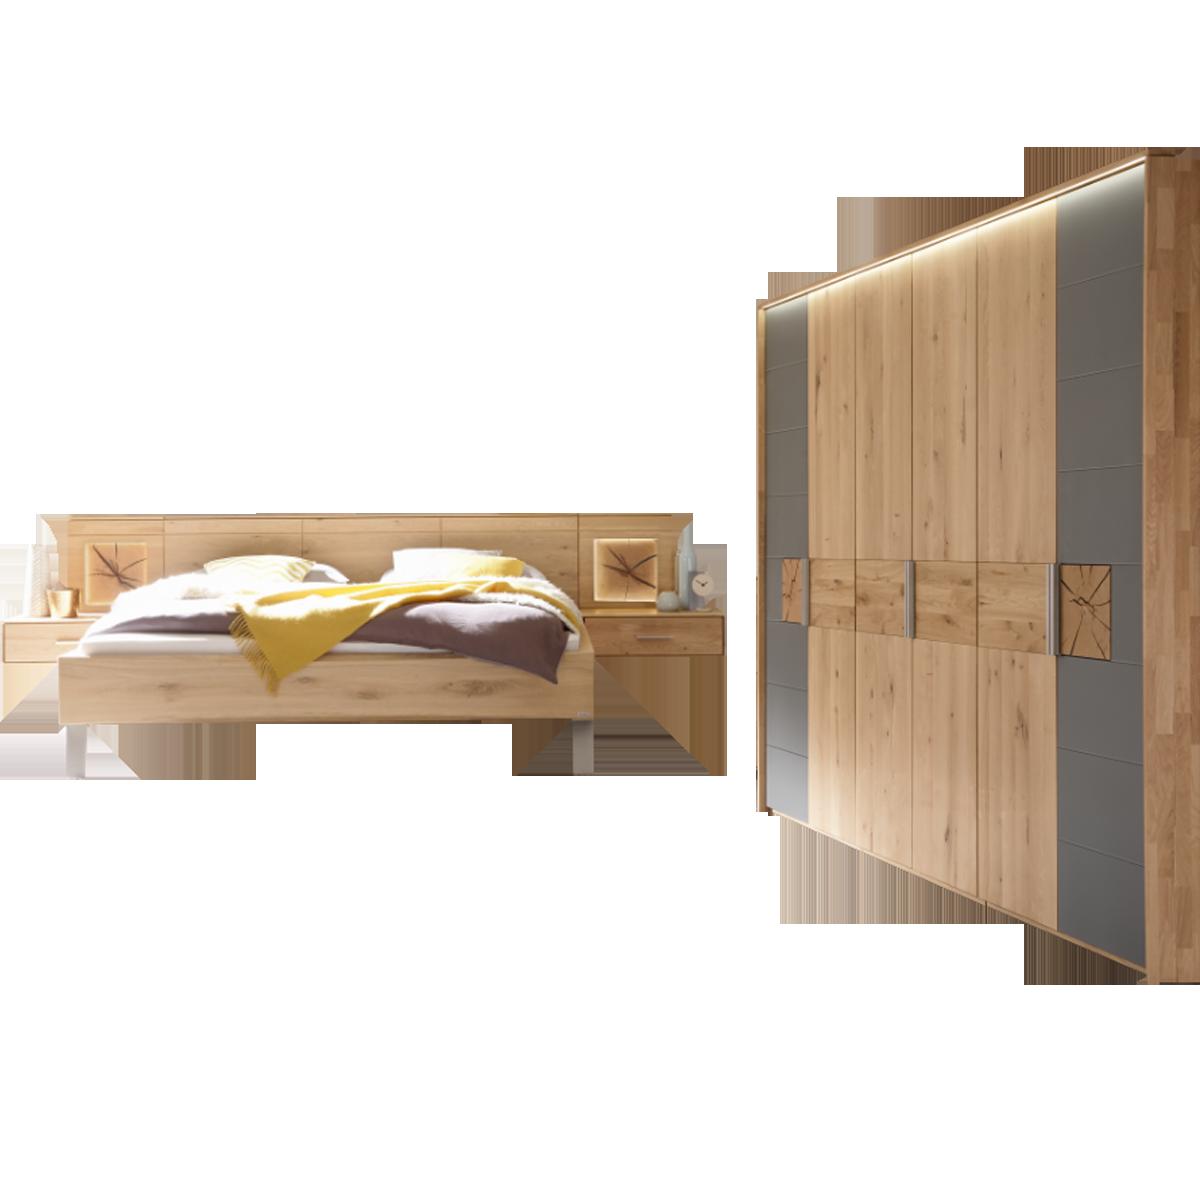 Thielemeyer Mira Schlafzimmer Ausführung Wildeiche mit Colorglas  schiefergrau und Hirnholz bestehend aus 6-türigem Drehtürenschrank  Komfortbett ...